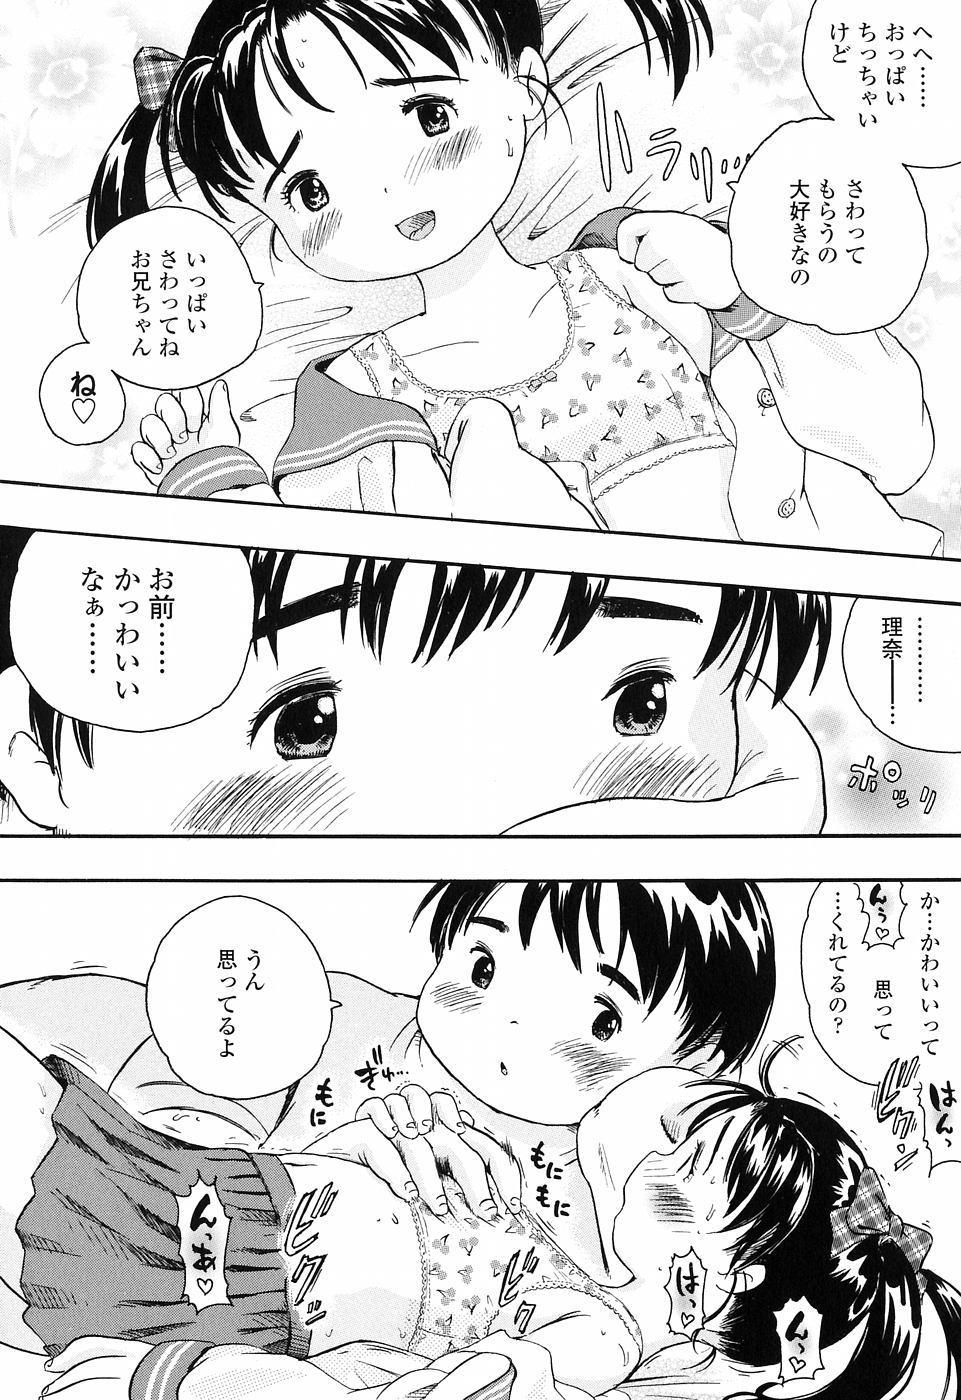 Koisuru Fukurami 59